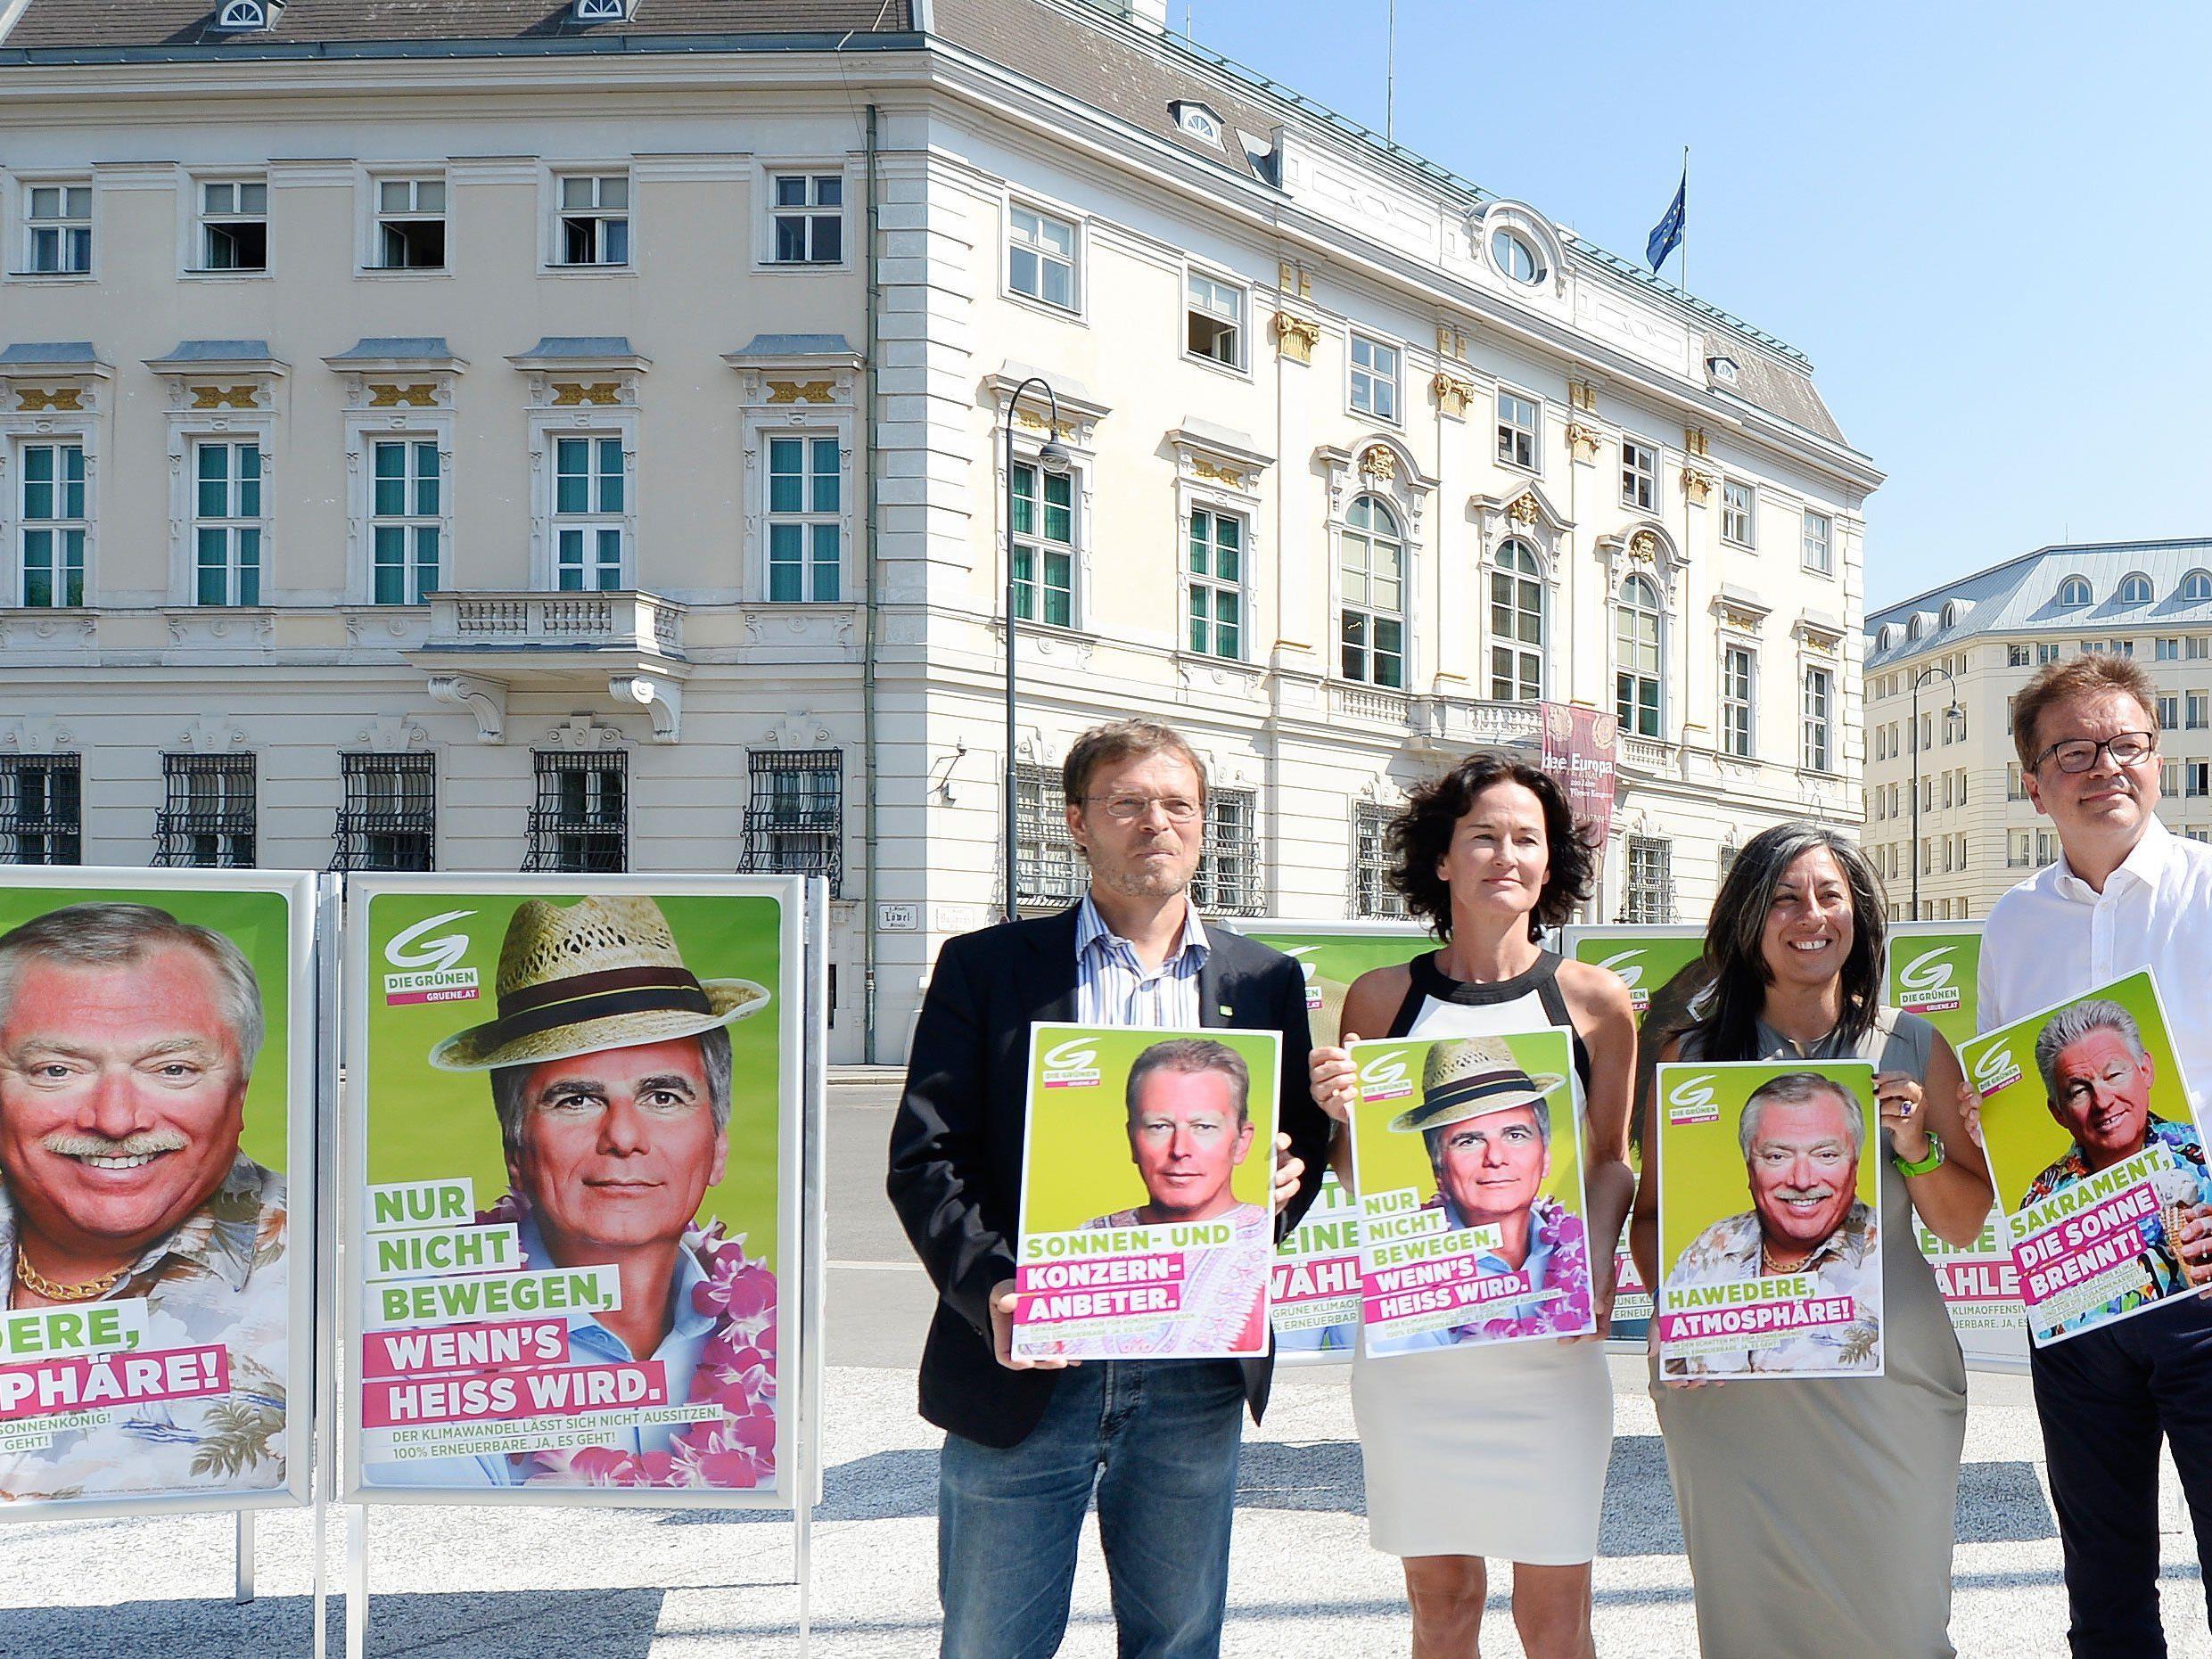 Für ihre Kampagne haben die Grünen Spitzenpolitiker mit Sonnenbrand dargestellt.